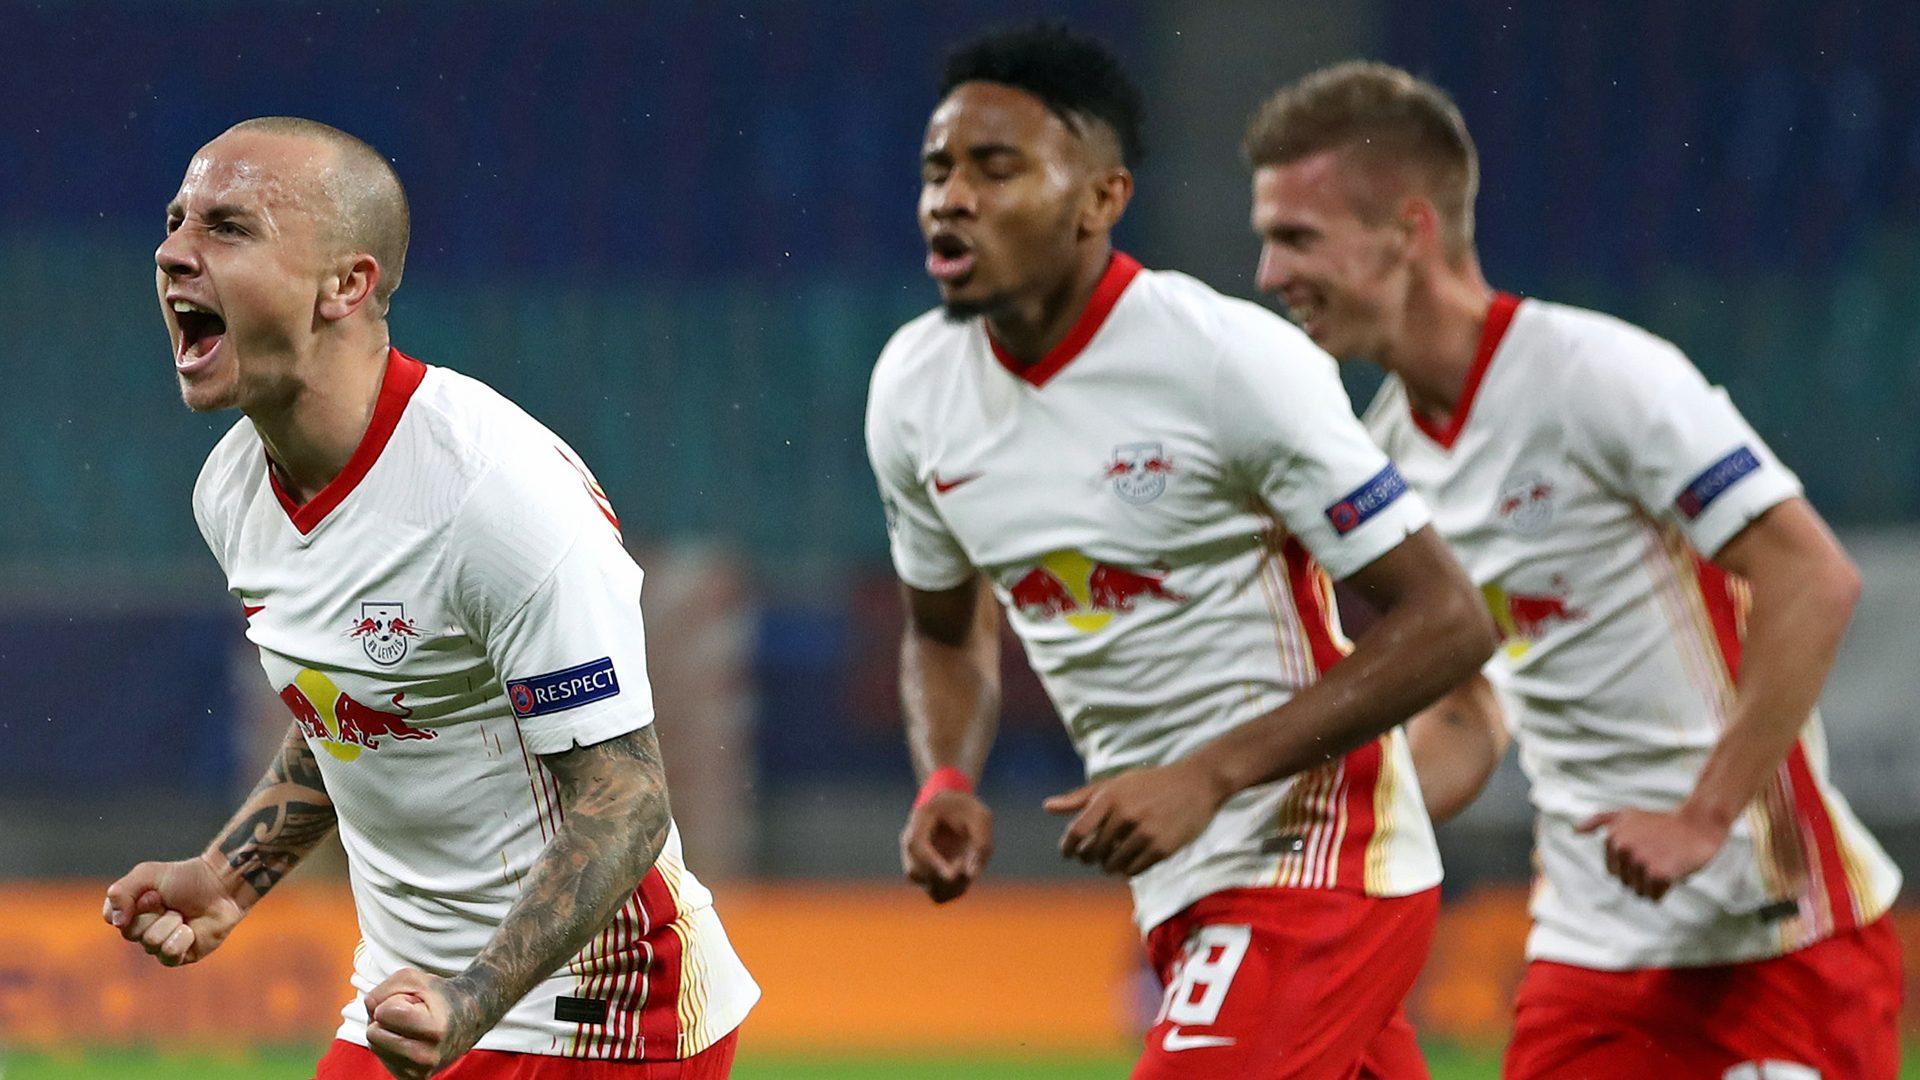 Bundesliga Angelino Double Fires Rb Leipzig To Comfortable Win Over Istanbul Basaksehir